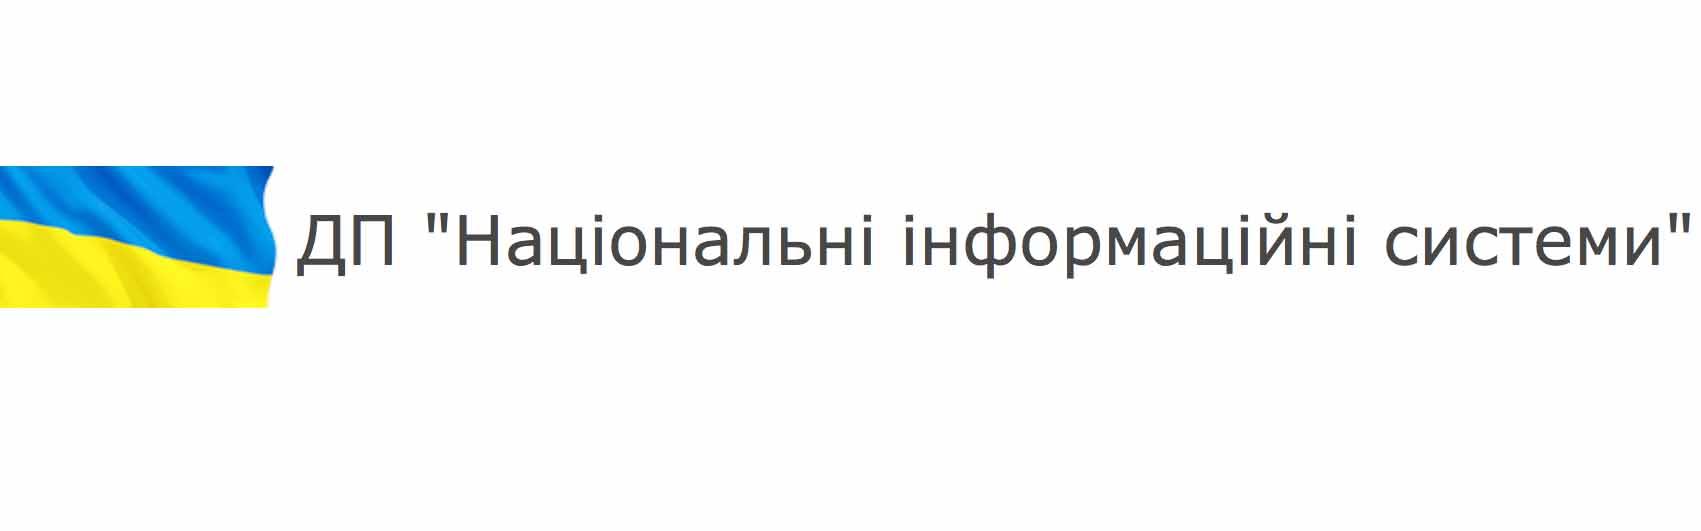 nais_2015_11_10_v_20_16_39